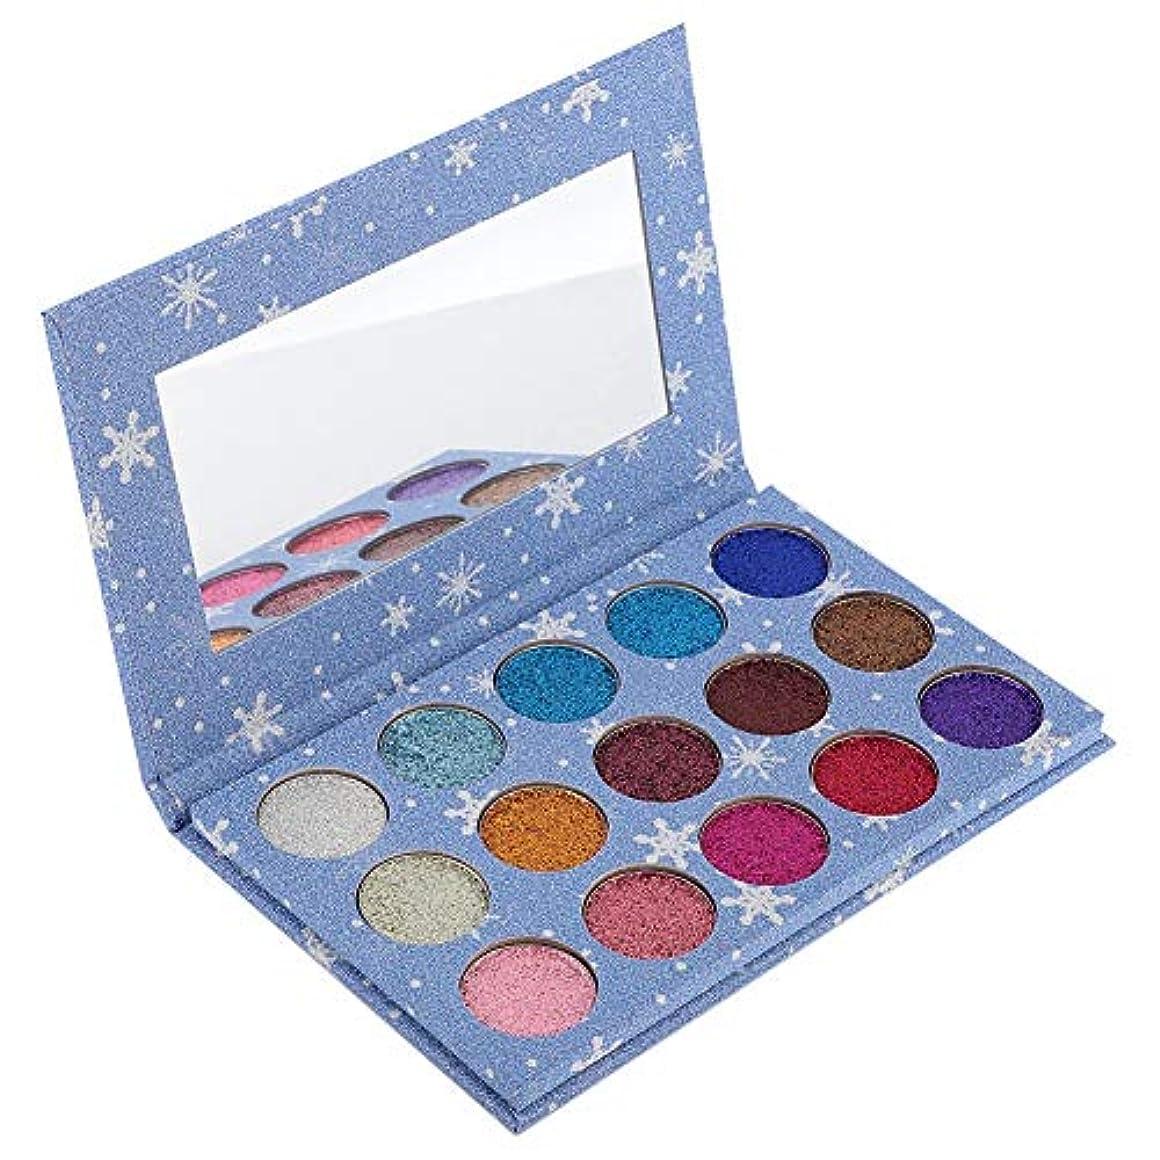 余計な許可する常識アイシャドウパレット 15色 アイシャドウパレット 化粧マット グロス アイシャドウパウダー 化粧品ツール (01)